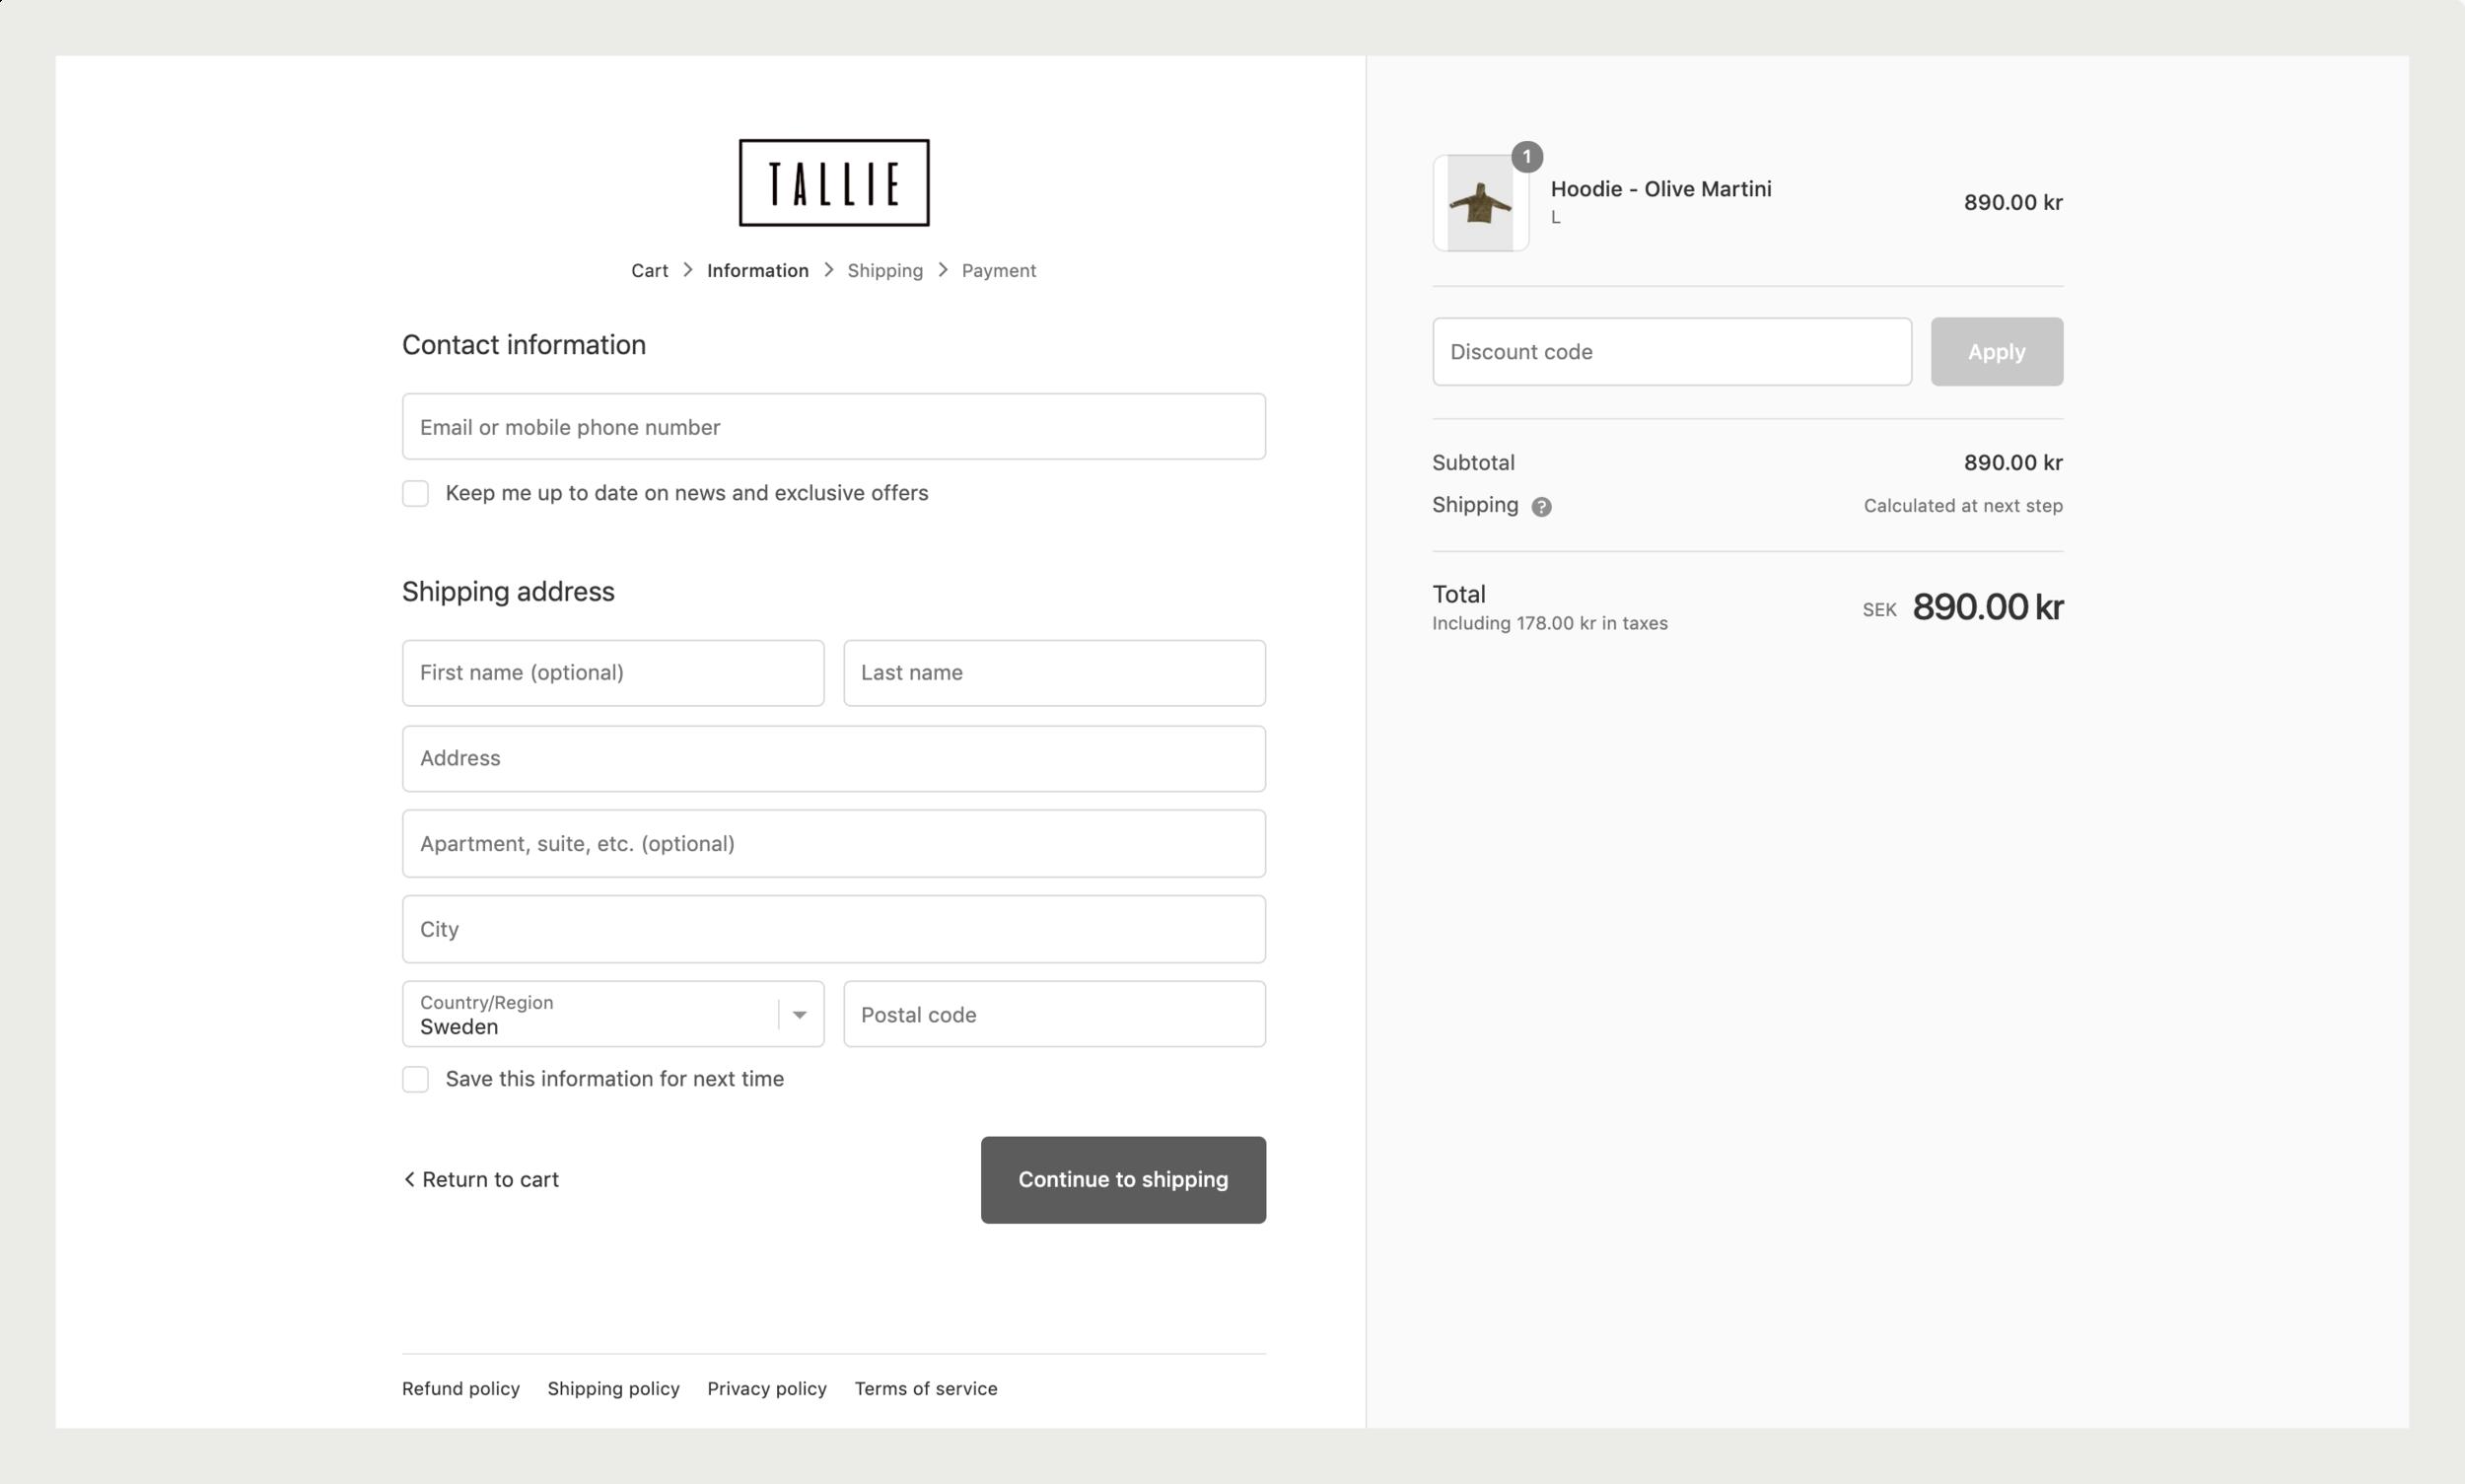 framtidens-webbyrå-e-handel-tallie-checkout.jpg